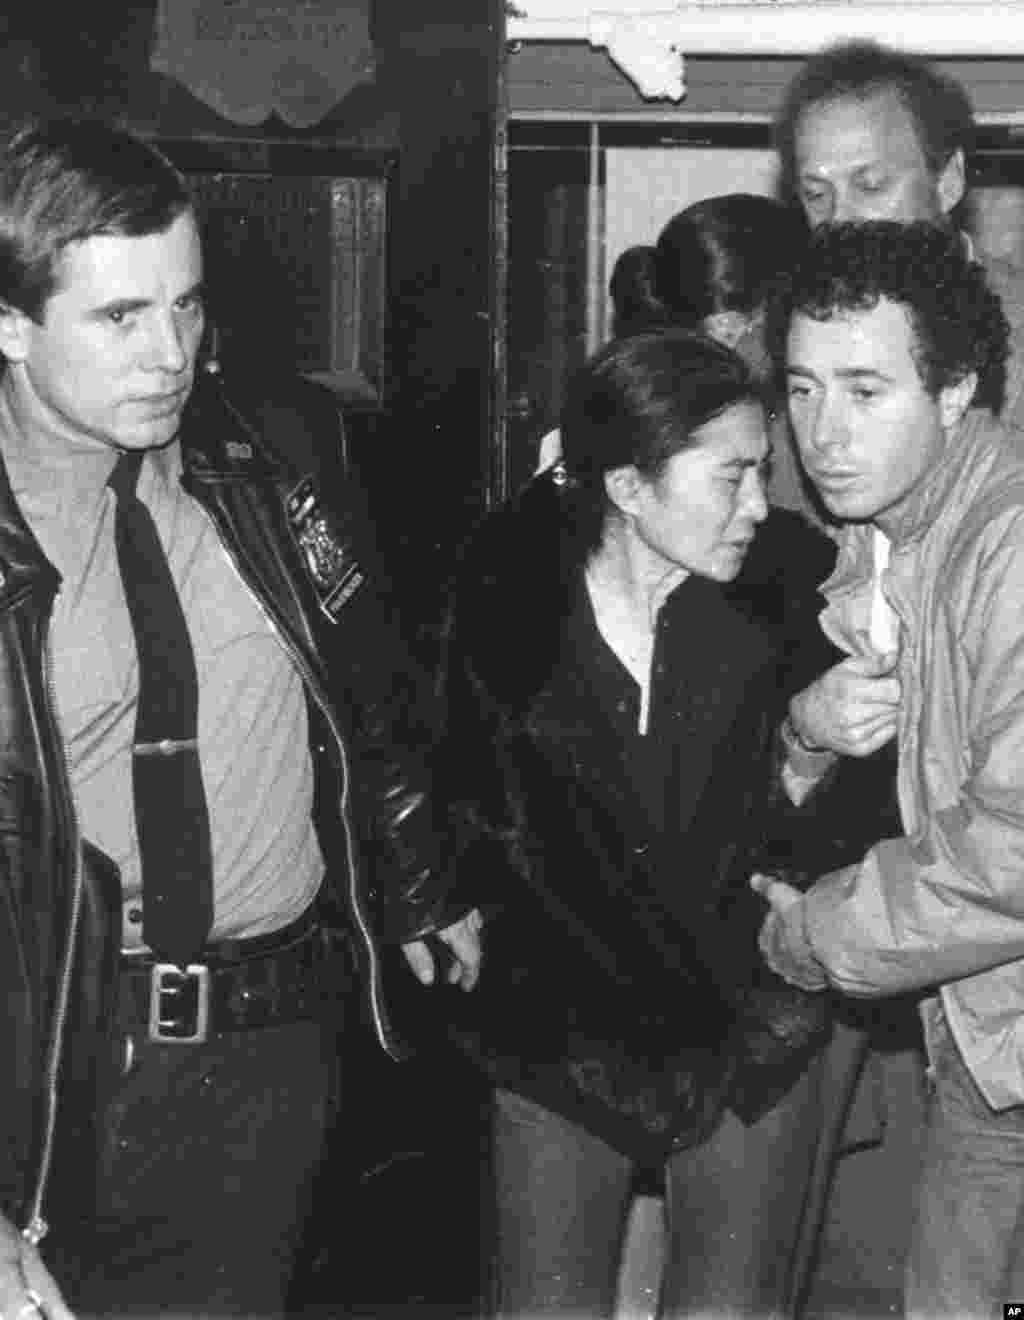 امروز در تاریخ: سال ۱۹۸۰ – واکنش یوکو اونو، همسر جان لنون، به خبر فوت شوهرش در بیمارستانی در نیو یورک. ۳۶ سال پیش در این روز، جان لنون، خواننده معروف و یکی از اعضای گروه راک بیتلز، بدست یکی از طرفداران سابقش در جلوی ساختمان آپارتمانش در نیو یورک به ضرب چهار گلوله کشته شد.